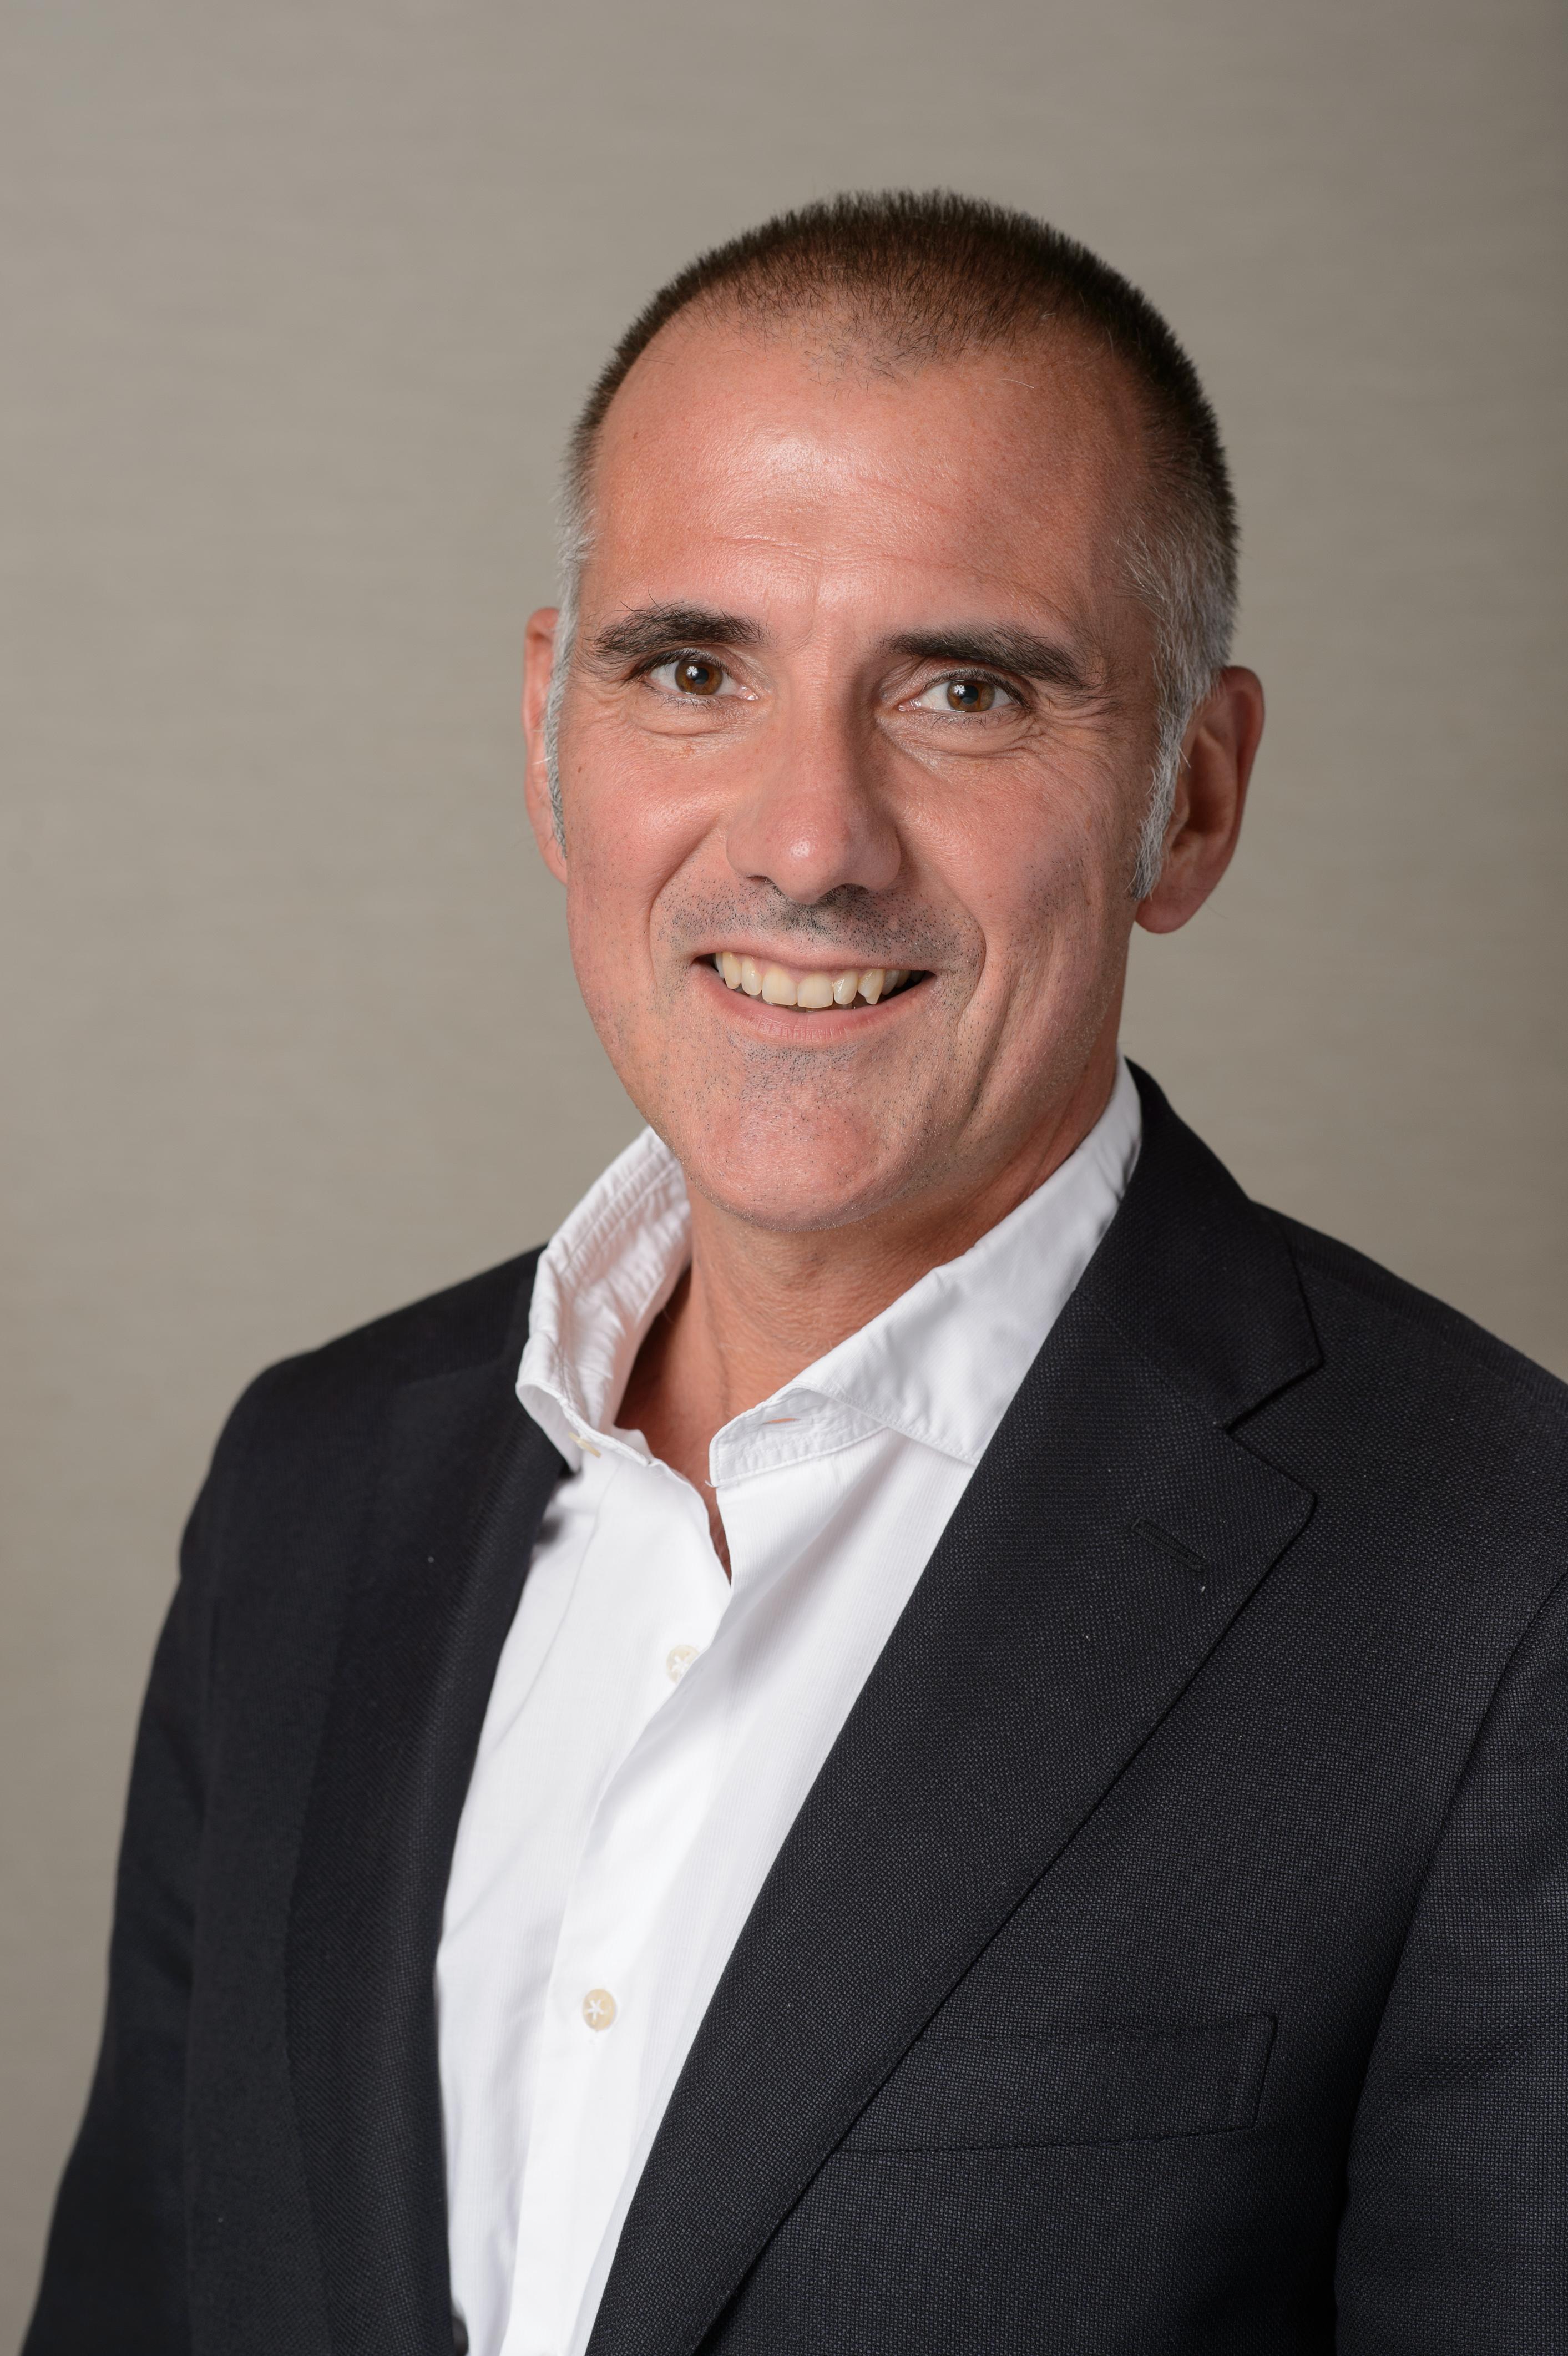 Paolo Delnevo, PTC